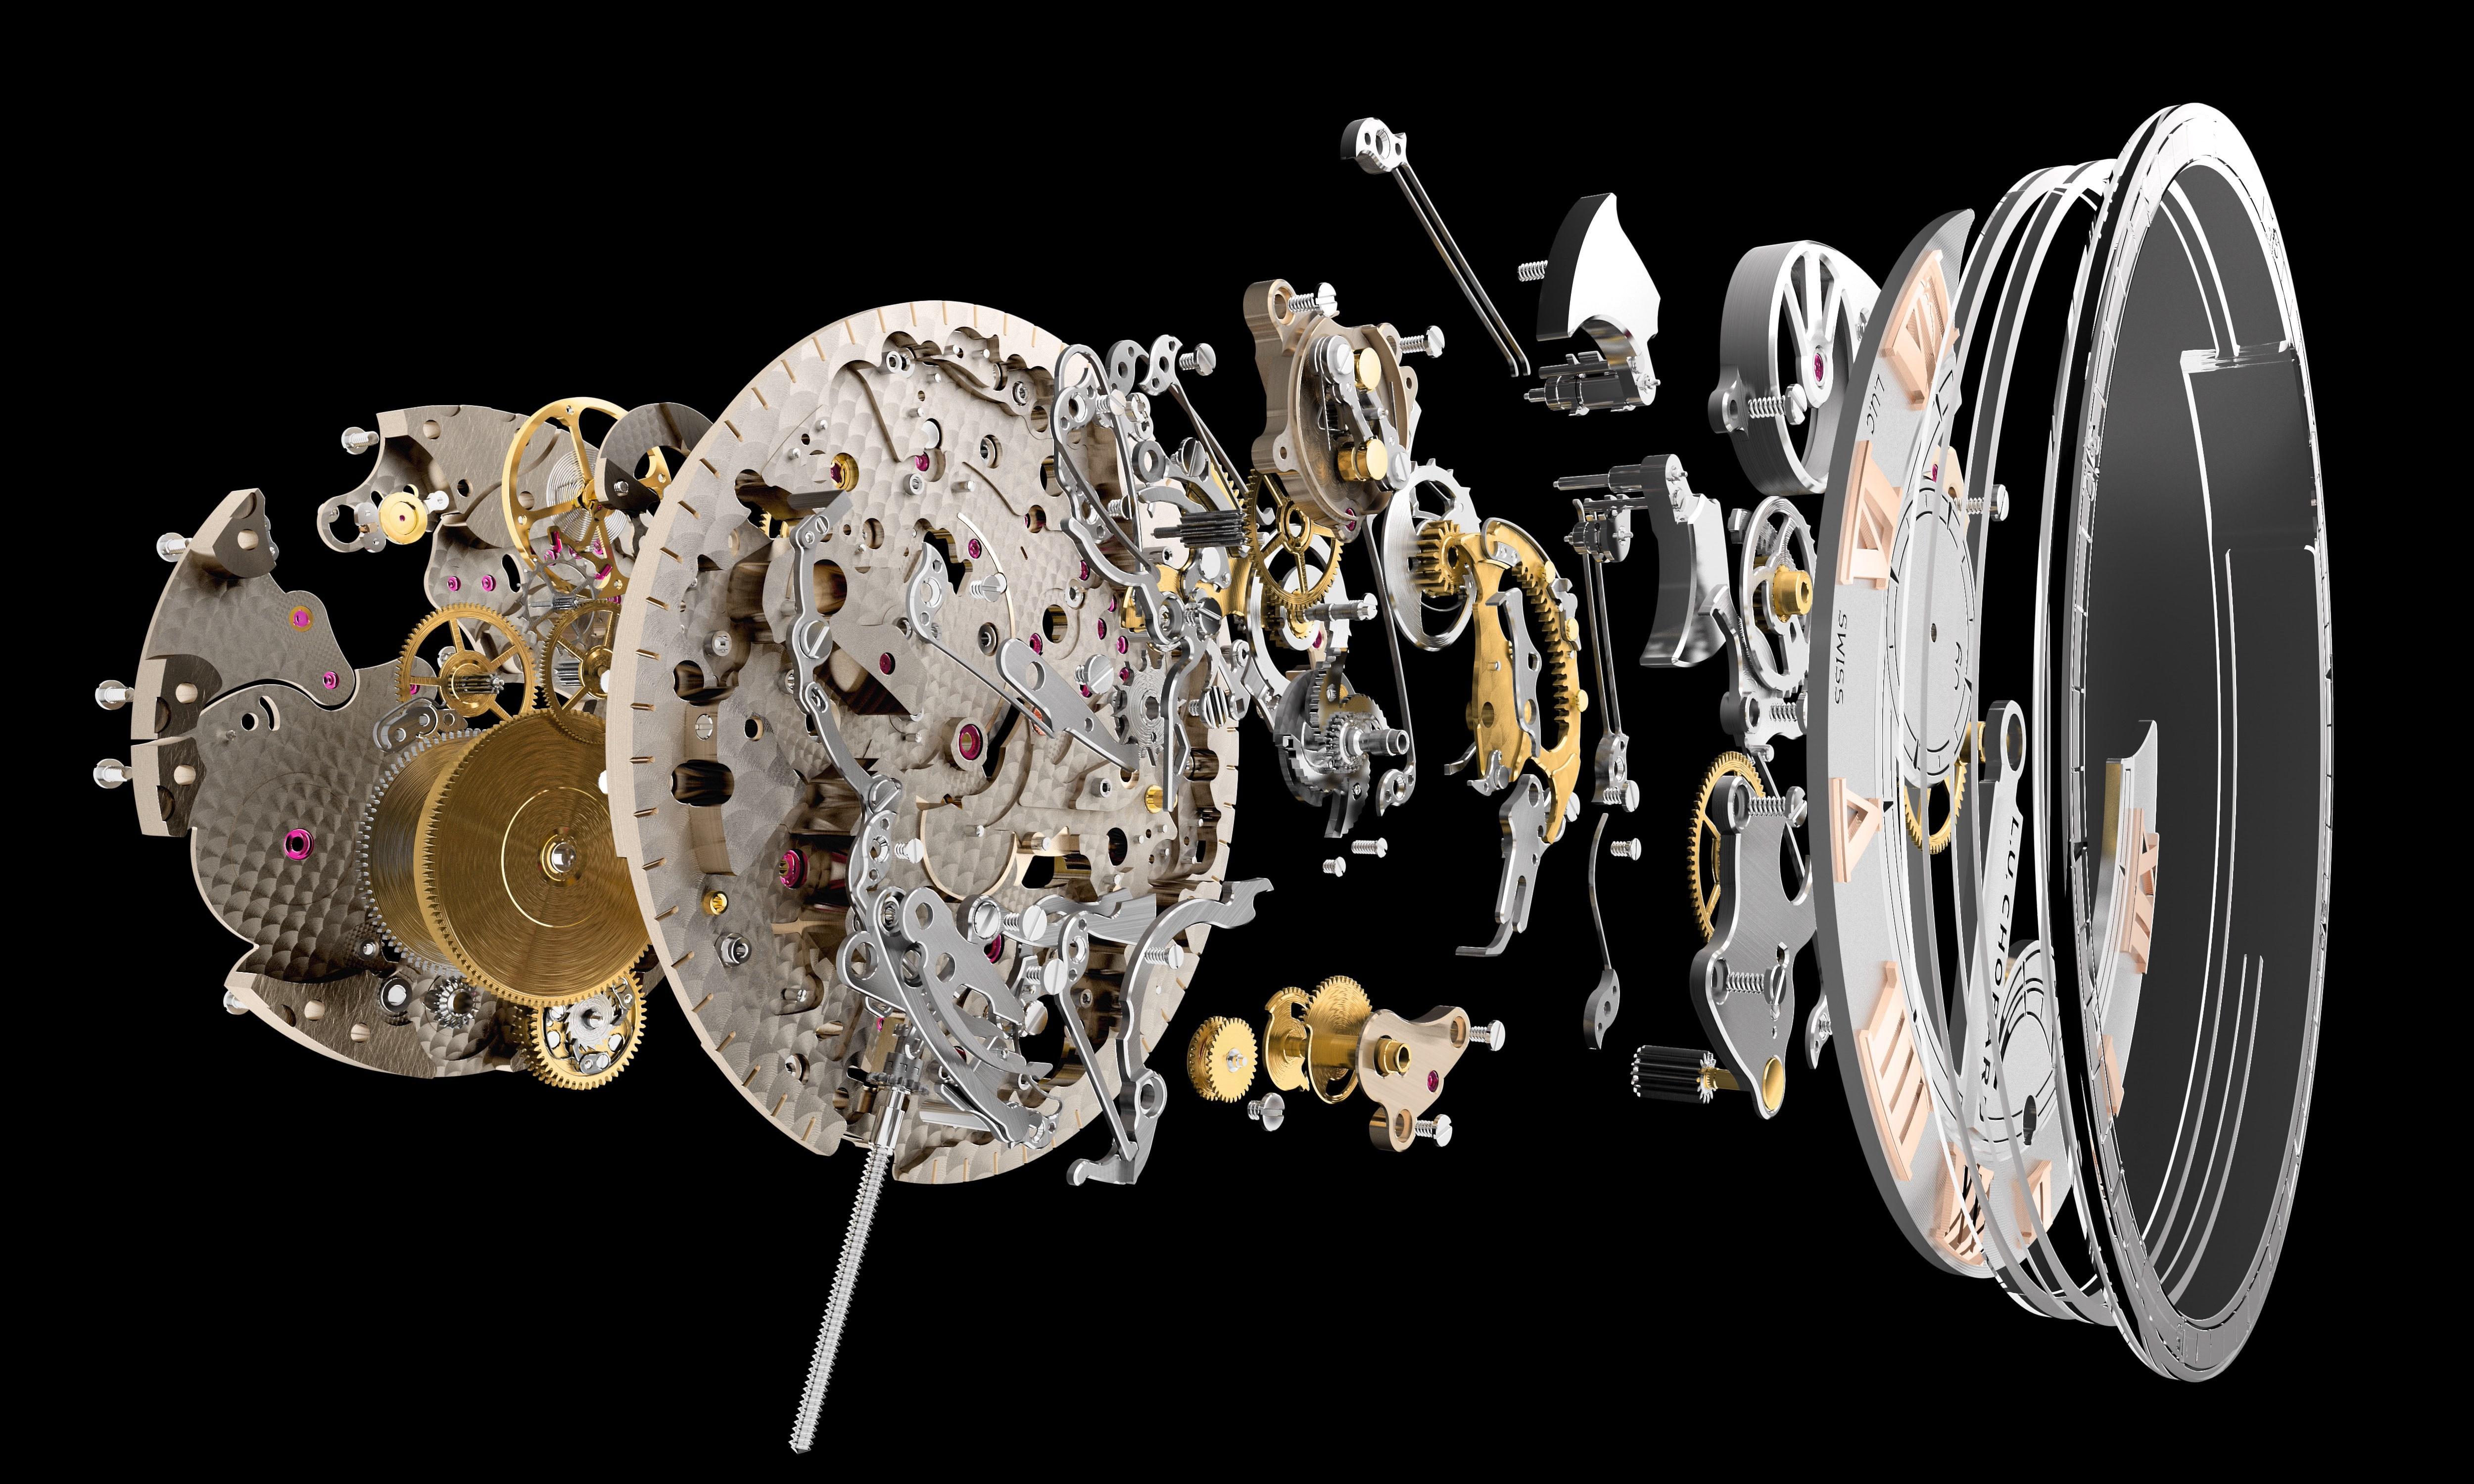 Caliber L.U.C 08.01-L met de saffieren gongs